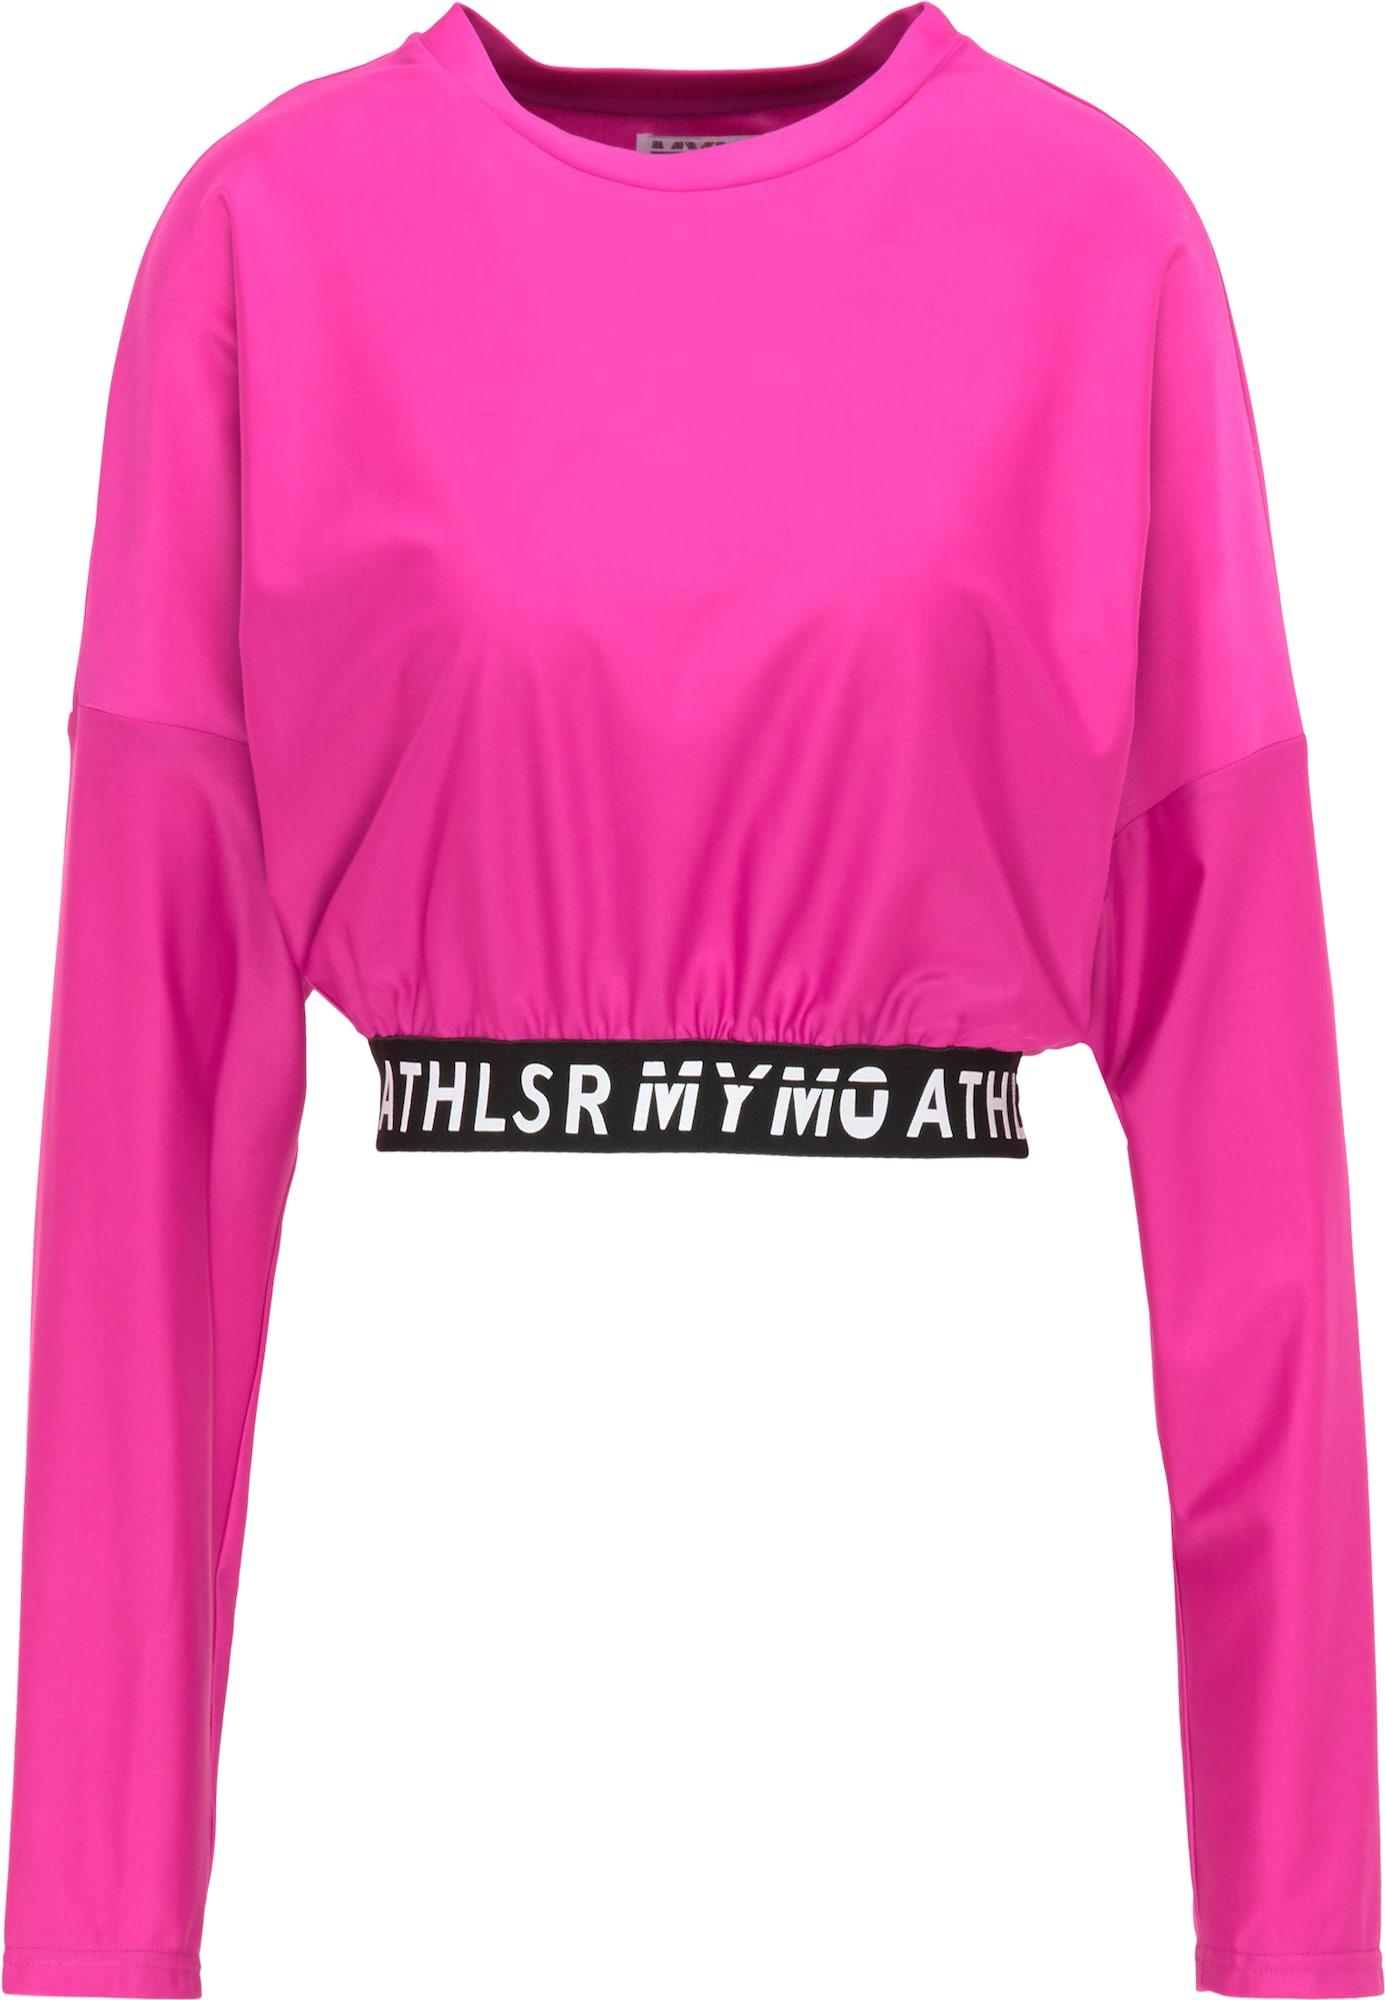 myMo ATHLSR Sportiniai marškinėliai juoda / balta / rožinė